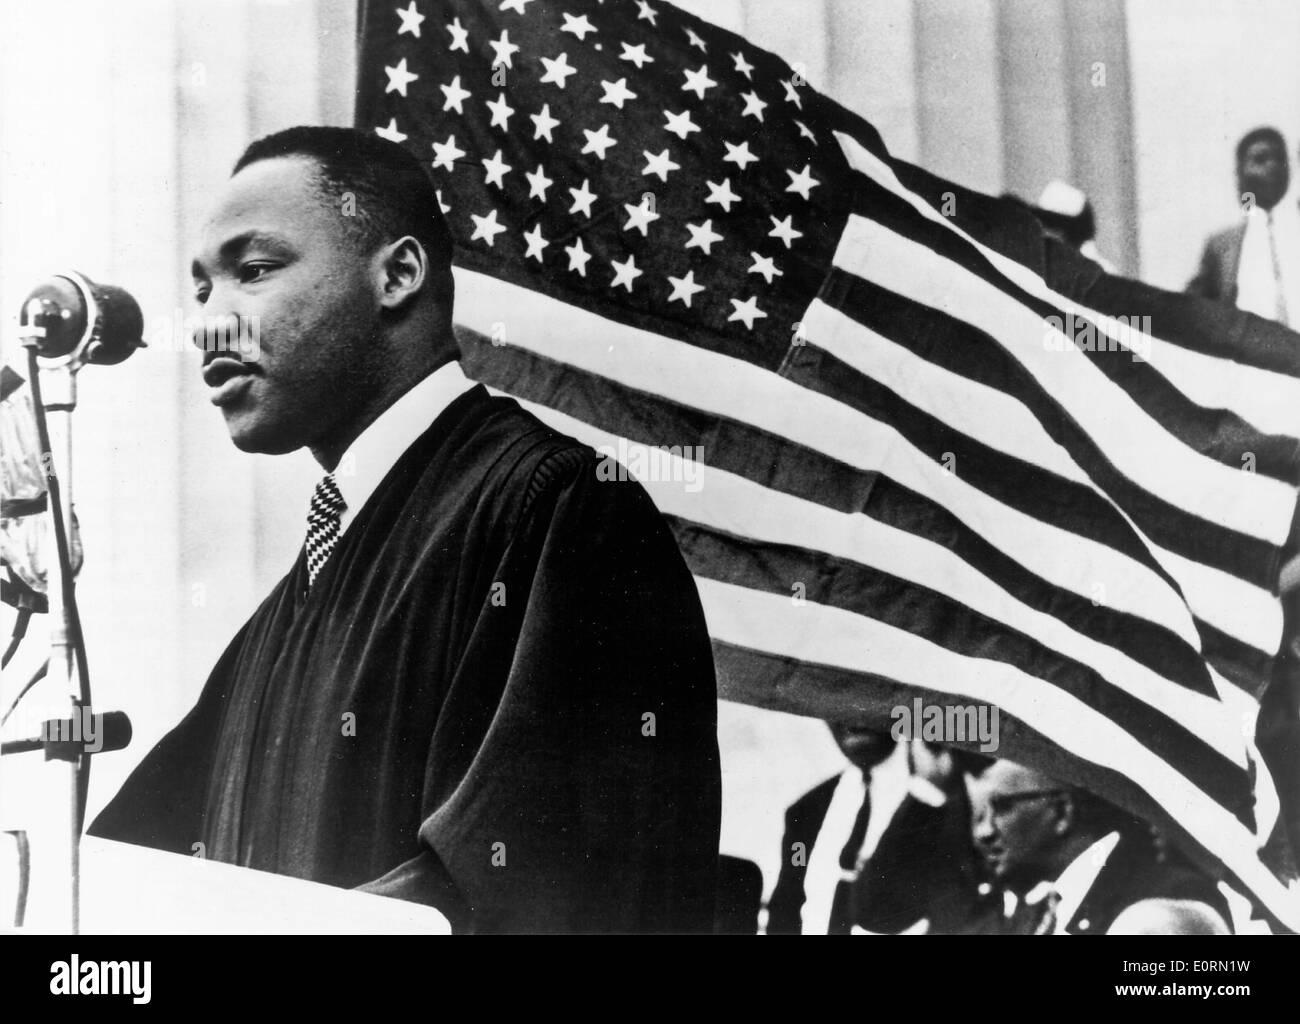 O Senhor Ministro Martin Luther King, Jr. pregação em um evento Imagens de Stock